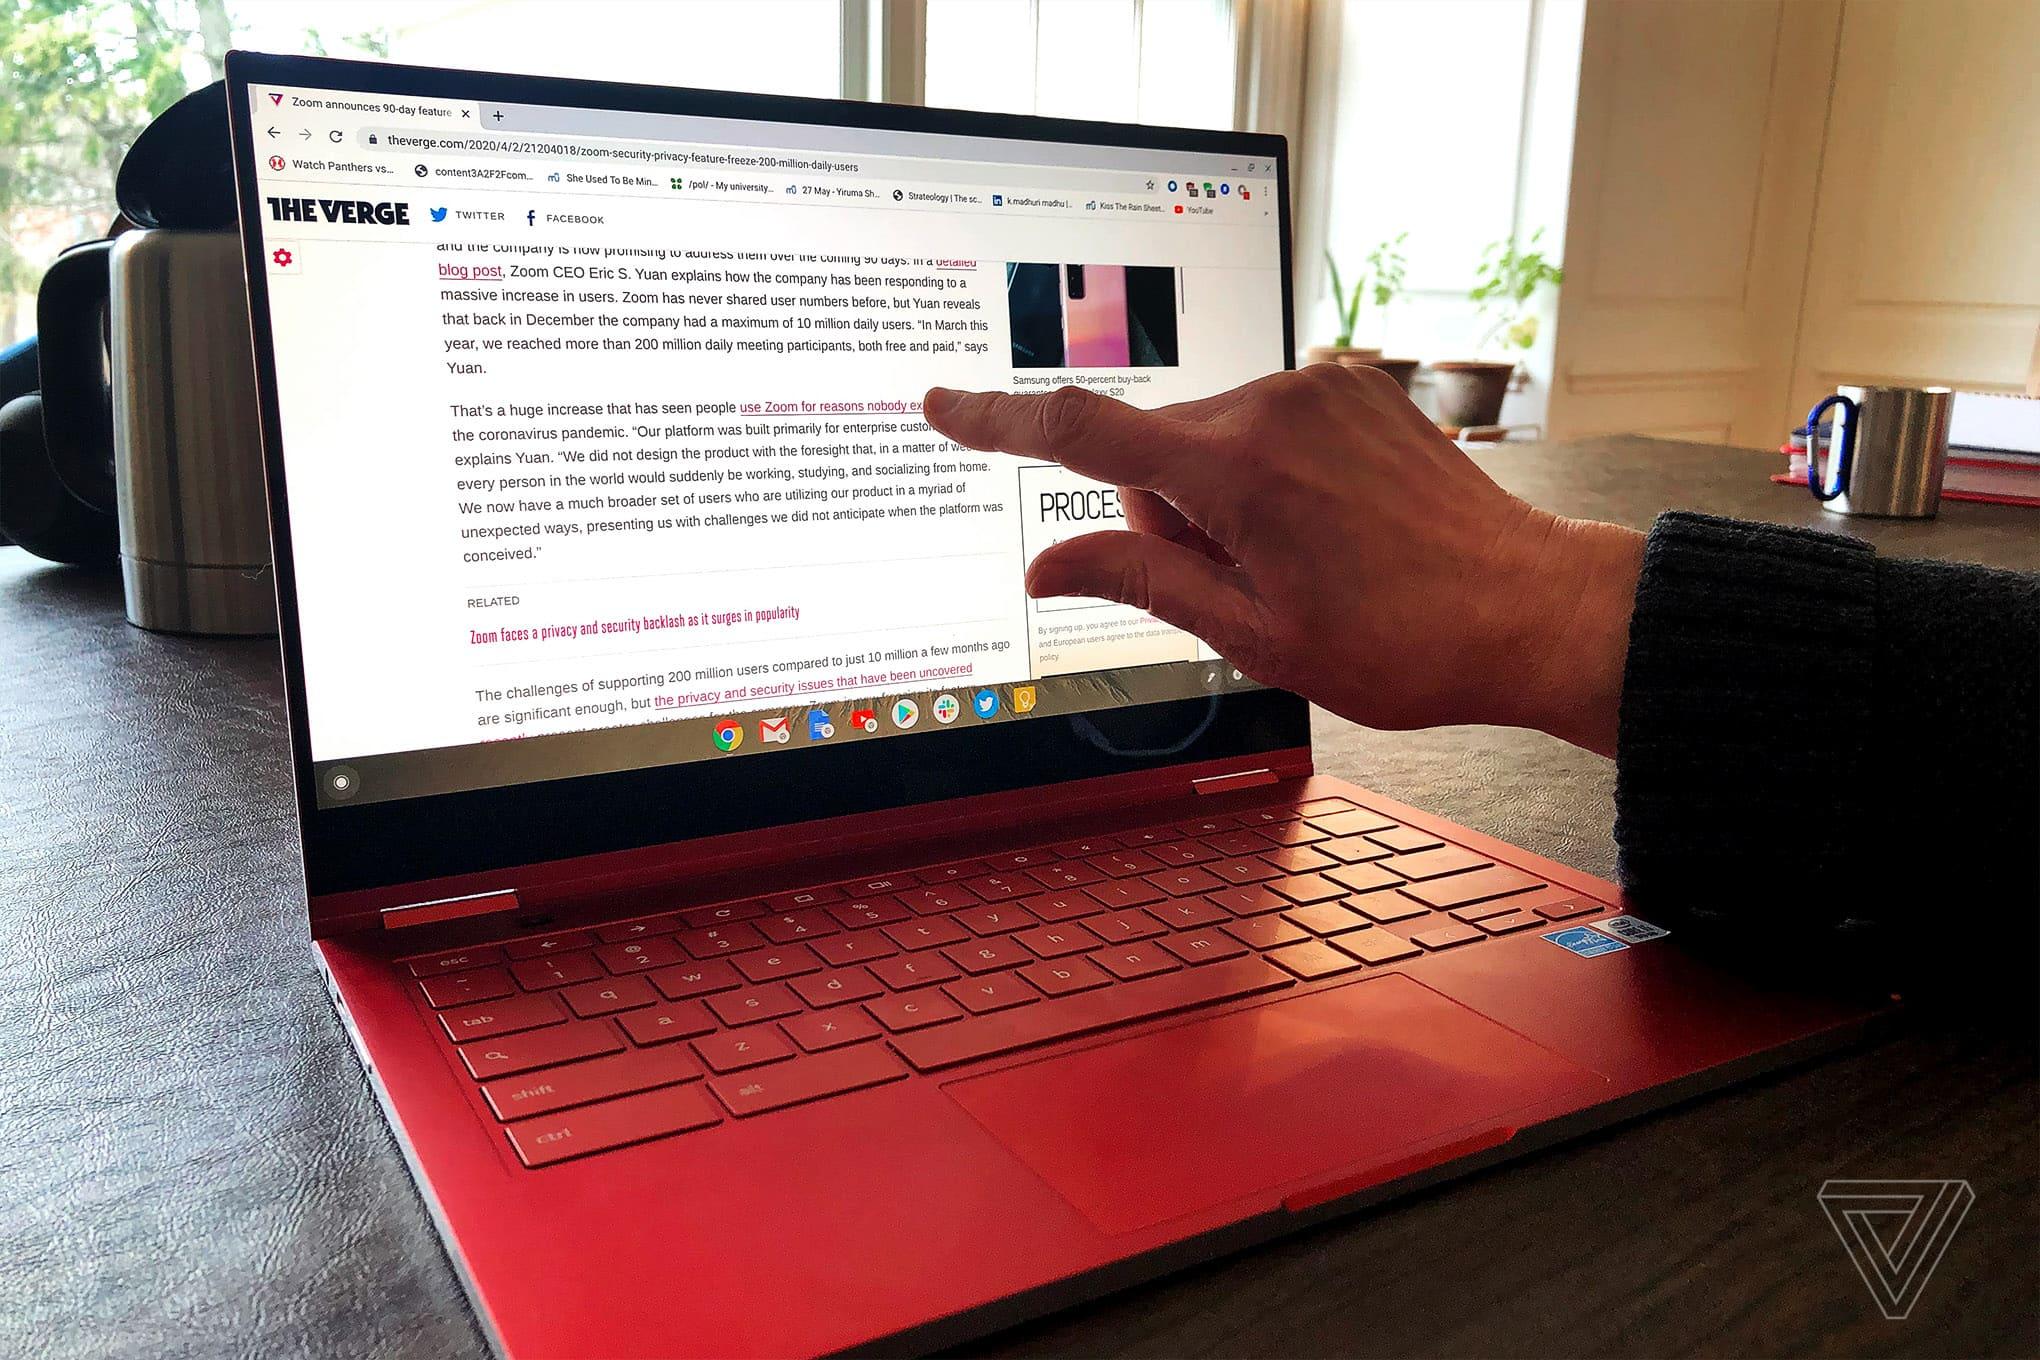 Đánh giá Samsung Galaxy Chromebook: Đẹp hơn, nhưng cũng... nhiều vấn đề hơn